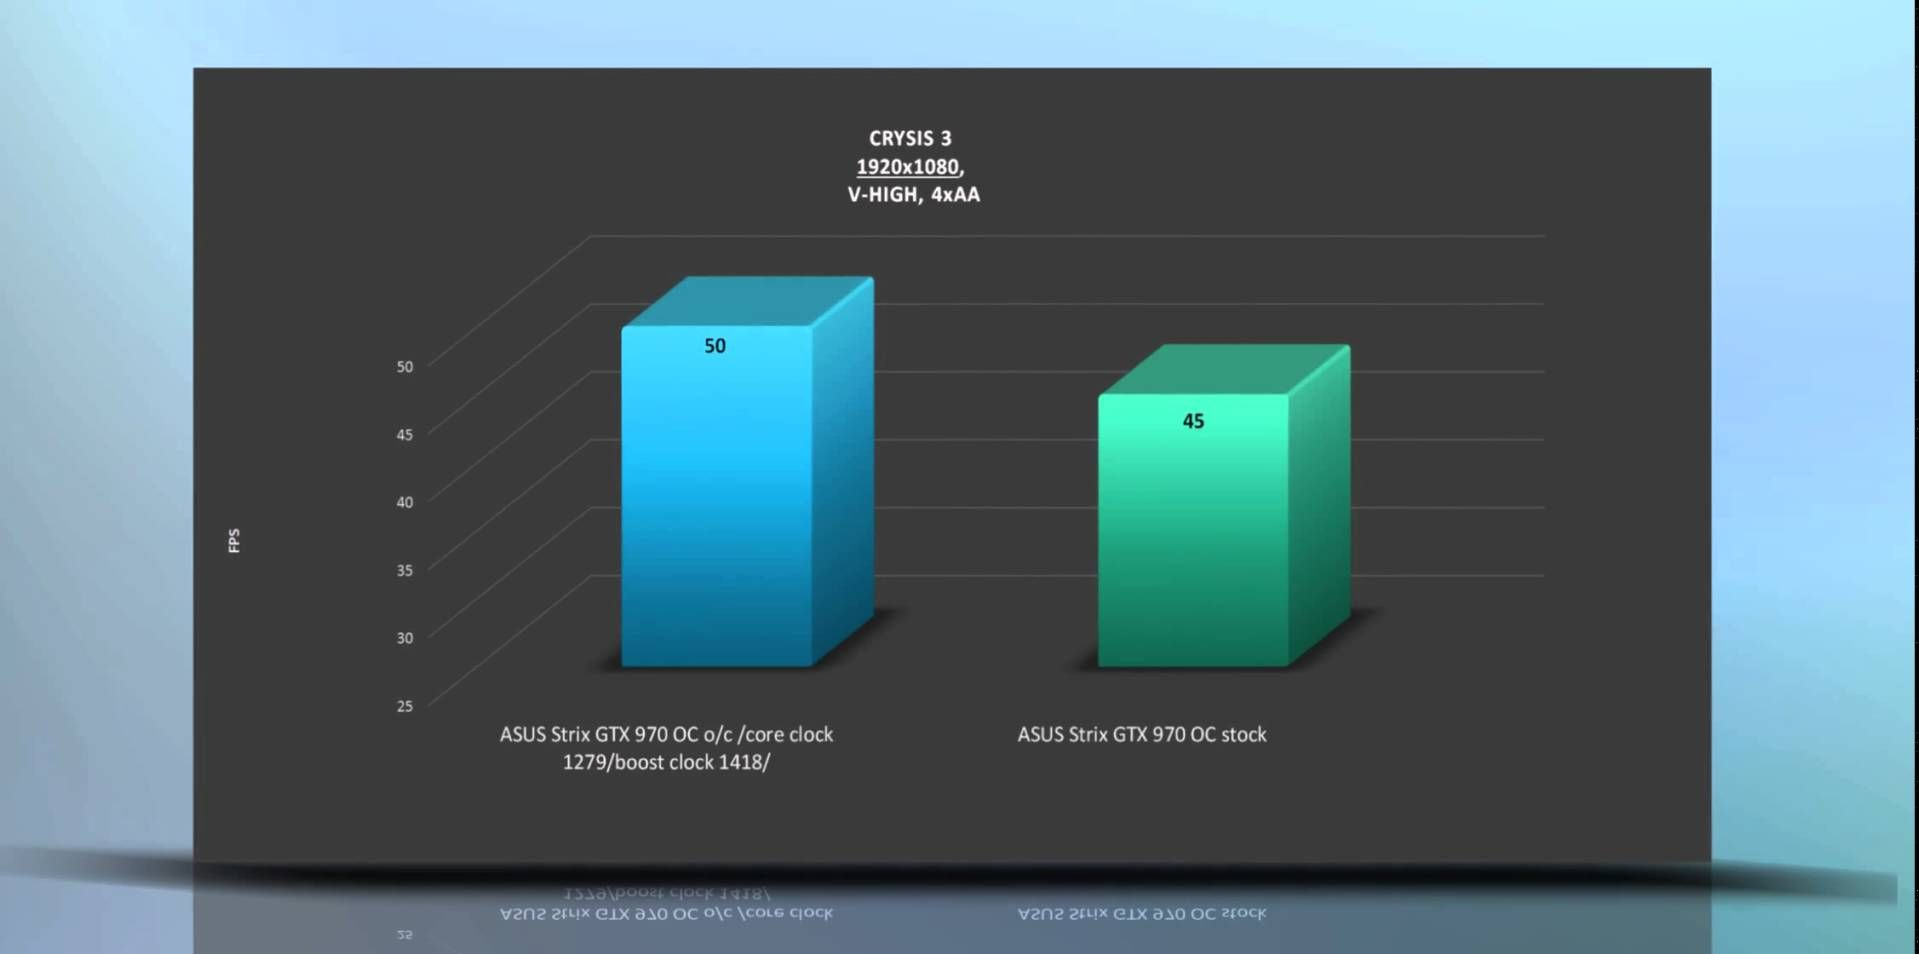 ASUS Strix GTX 970 OC - [stock vs o/c] OVERCLOCK BENCHMARKS